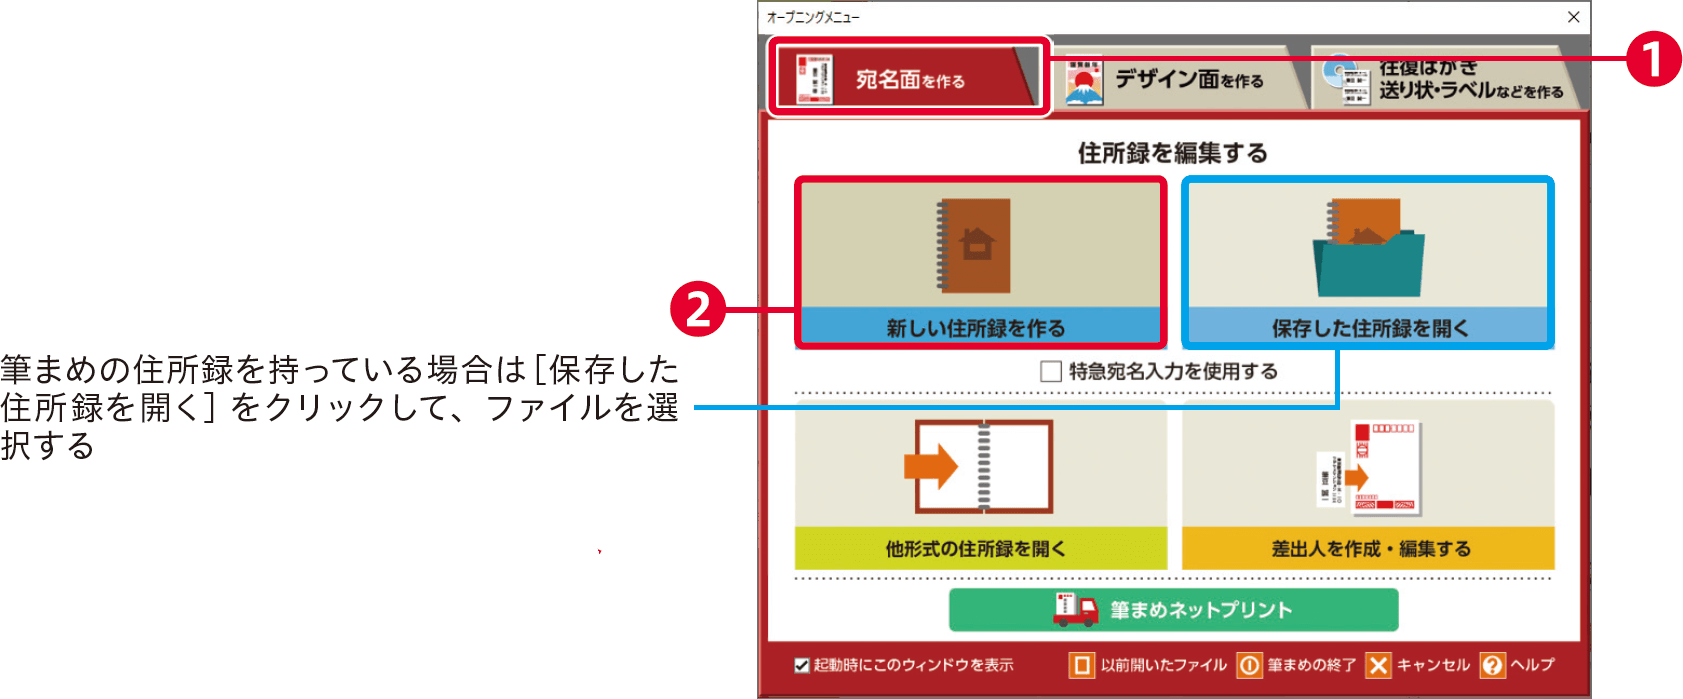 筆まめVer.29の使い方:住所録を作成する